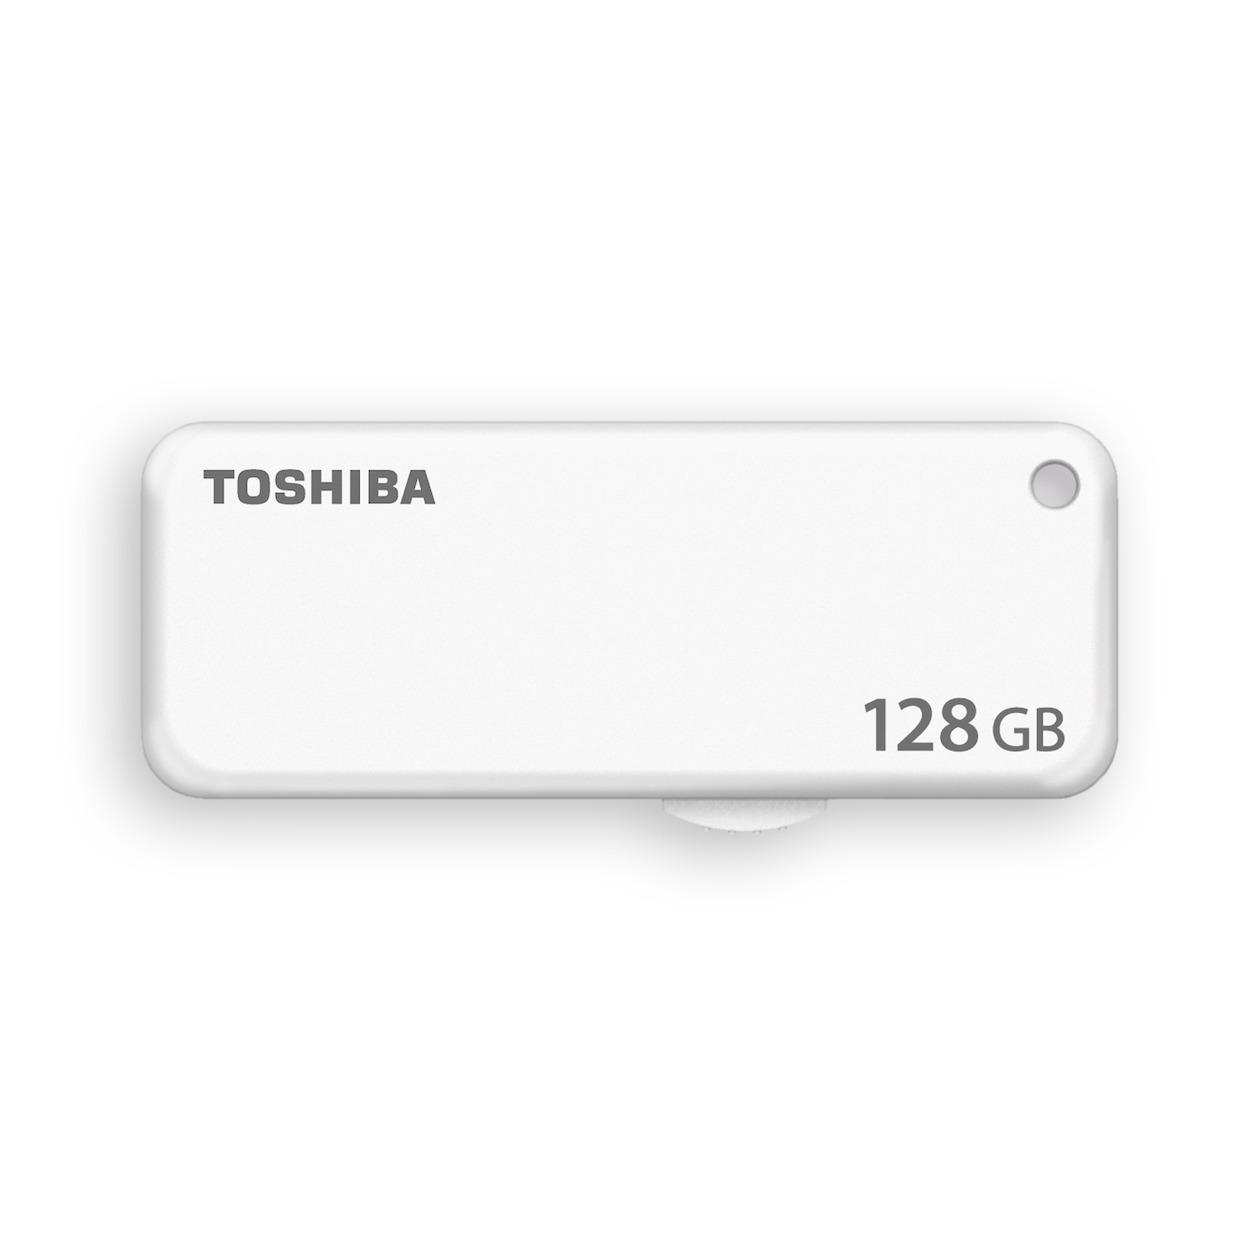 Toshiba usb sticks TransMemory U203 128GB USB 2.0 wit